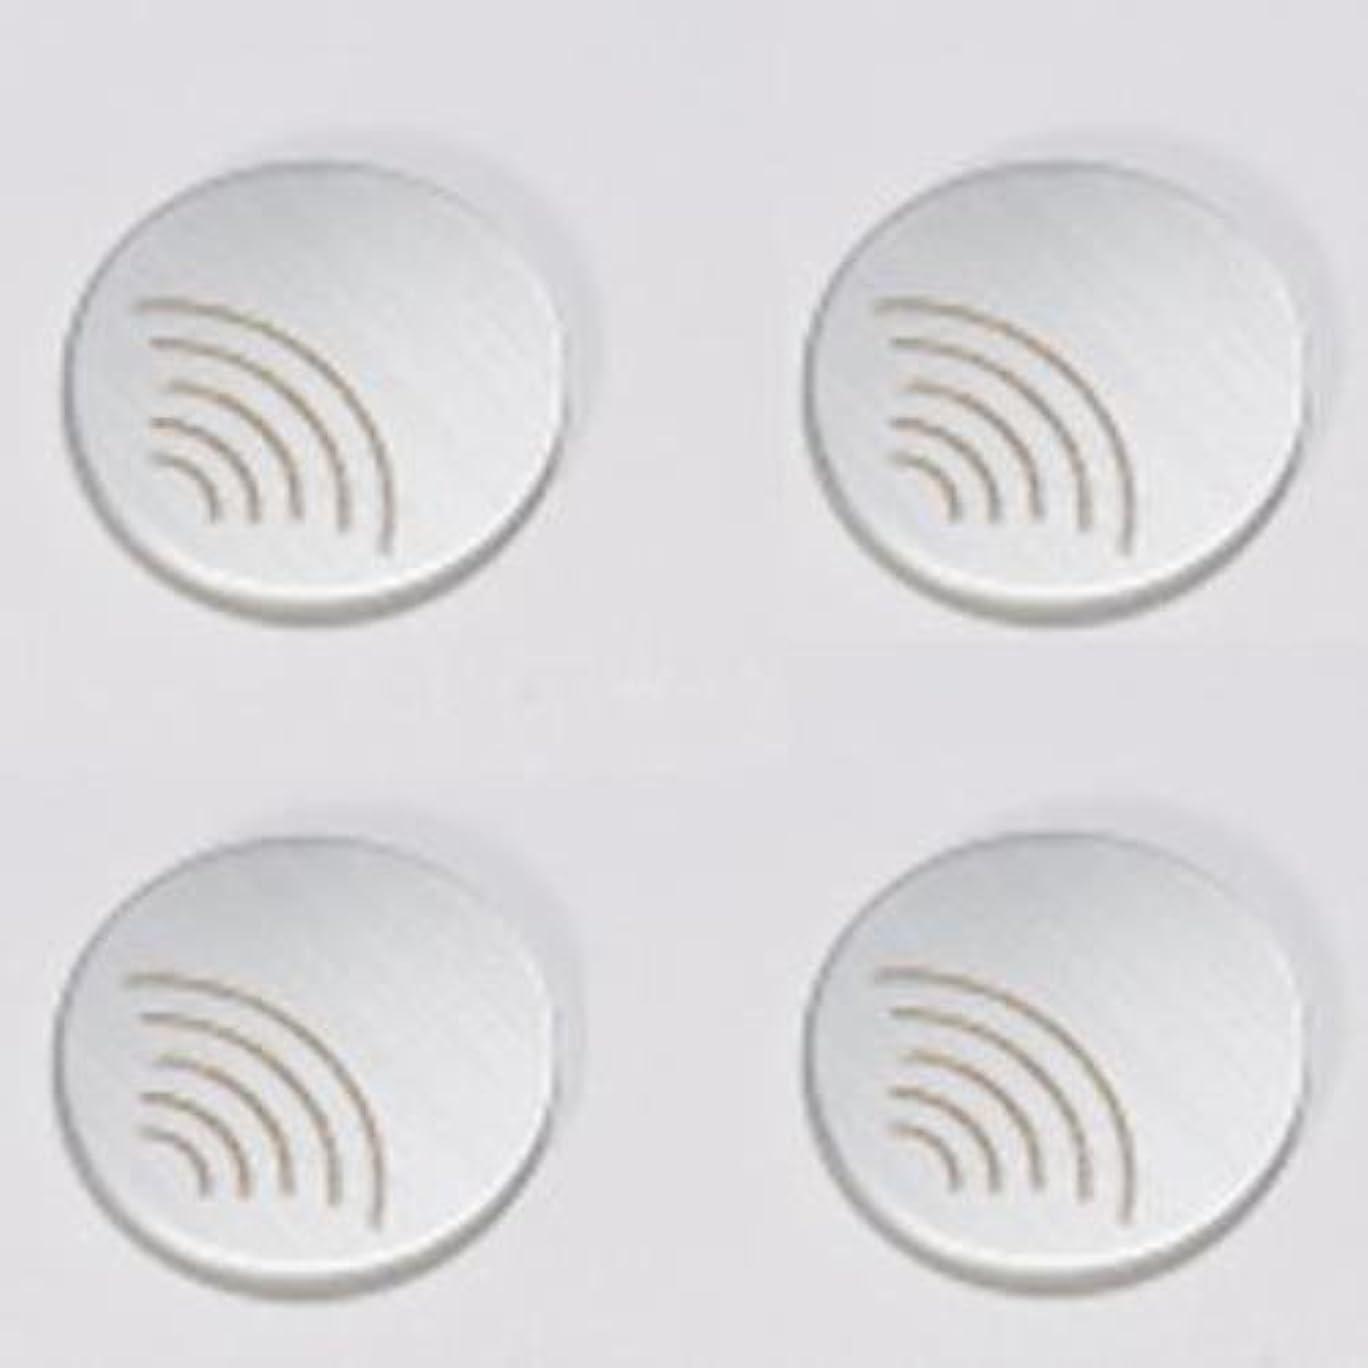 支払い大佐インチBhado 携帯電話用 1g 4個セット